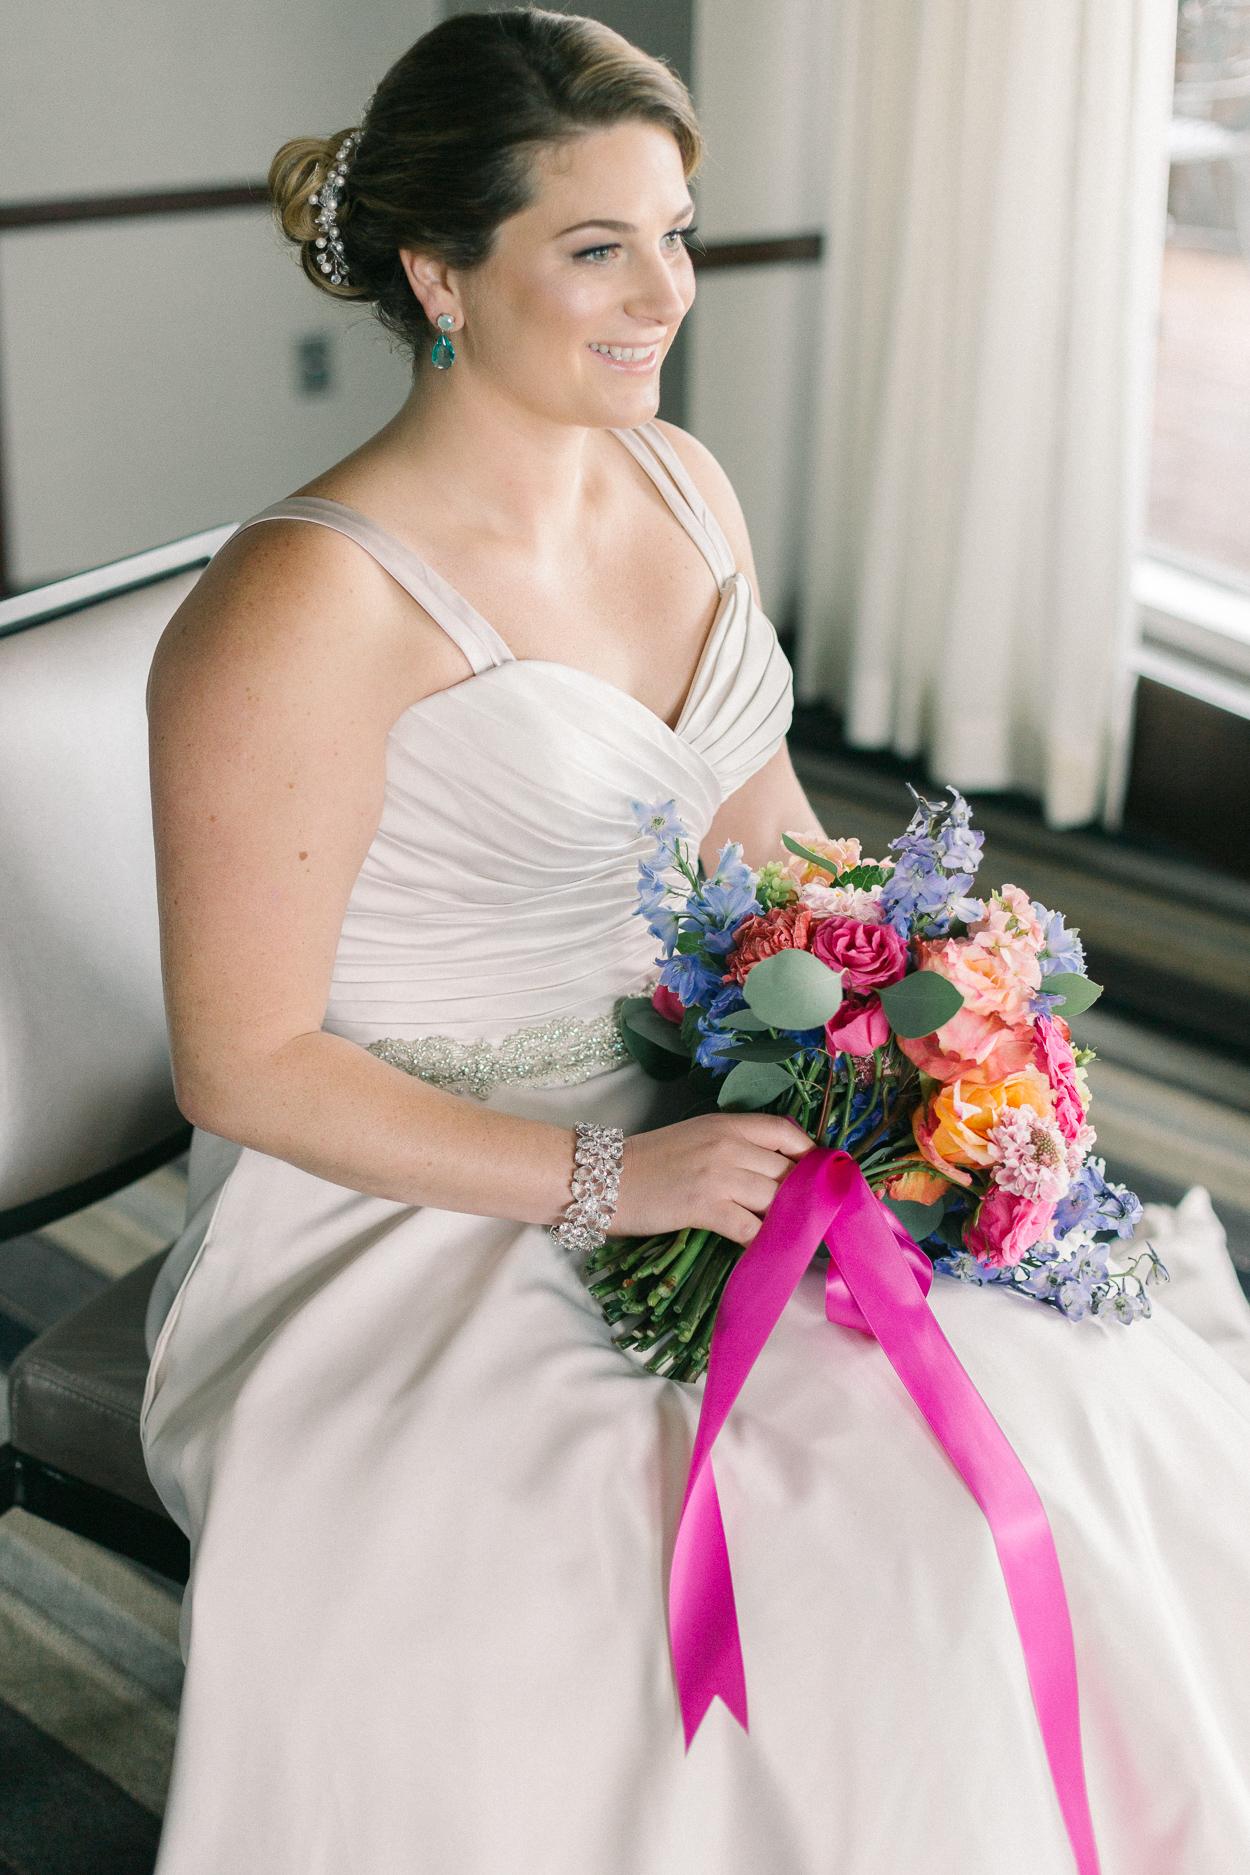 Michelle-whitley-classic-bridal-portrait